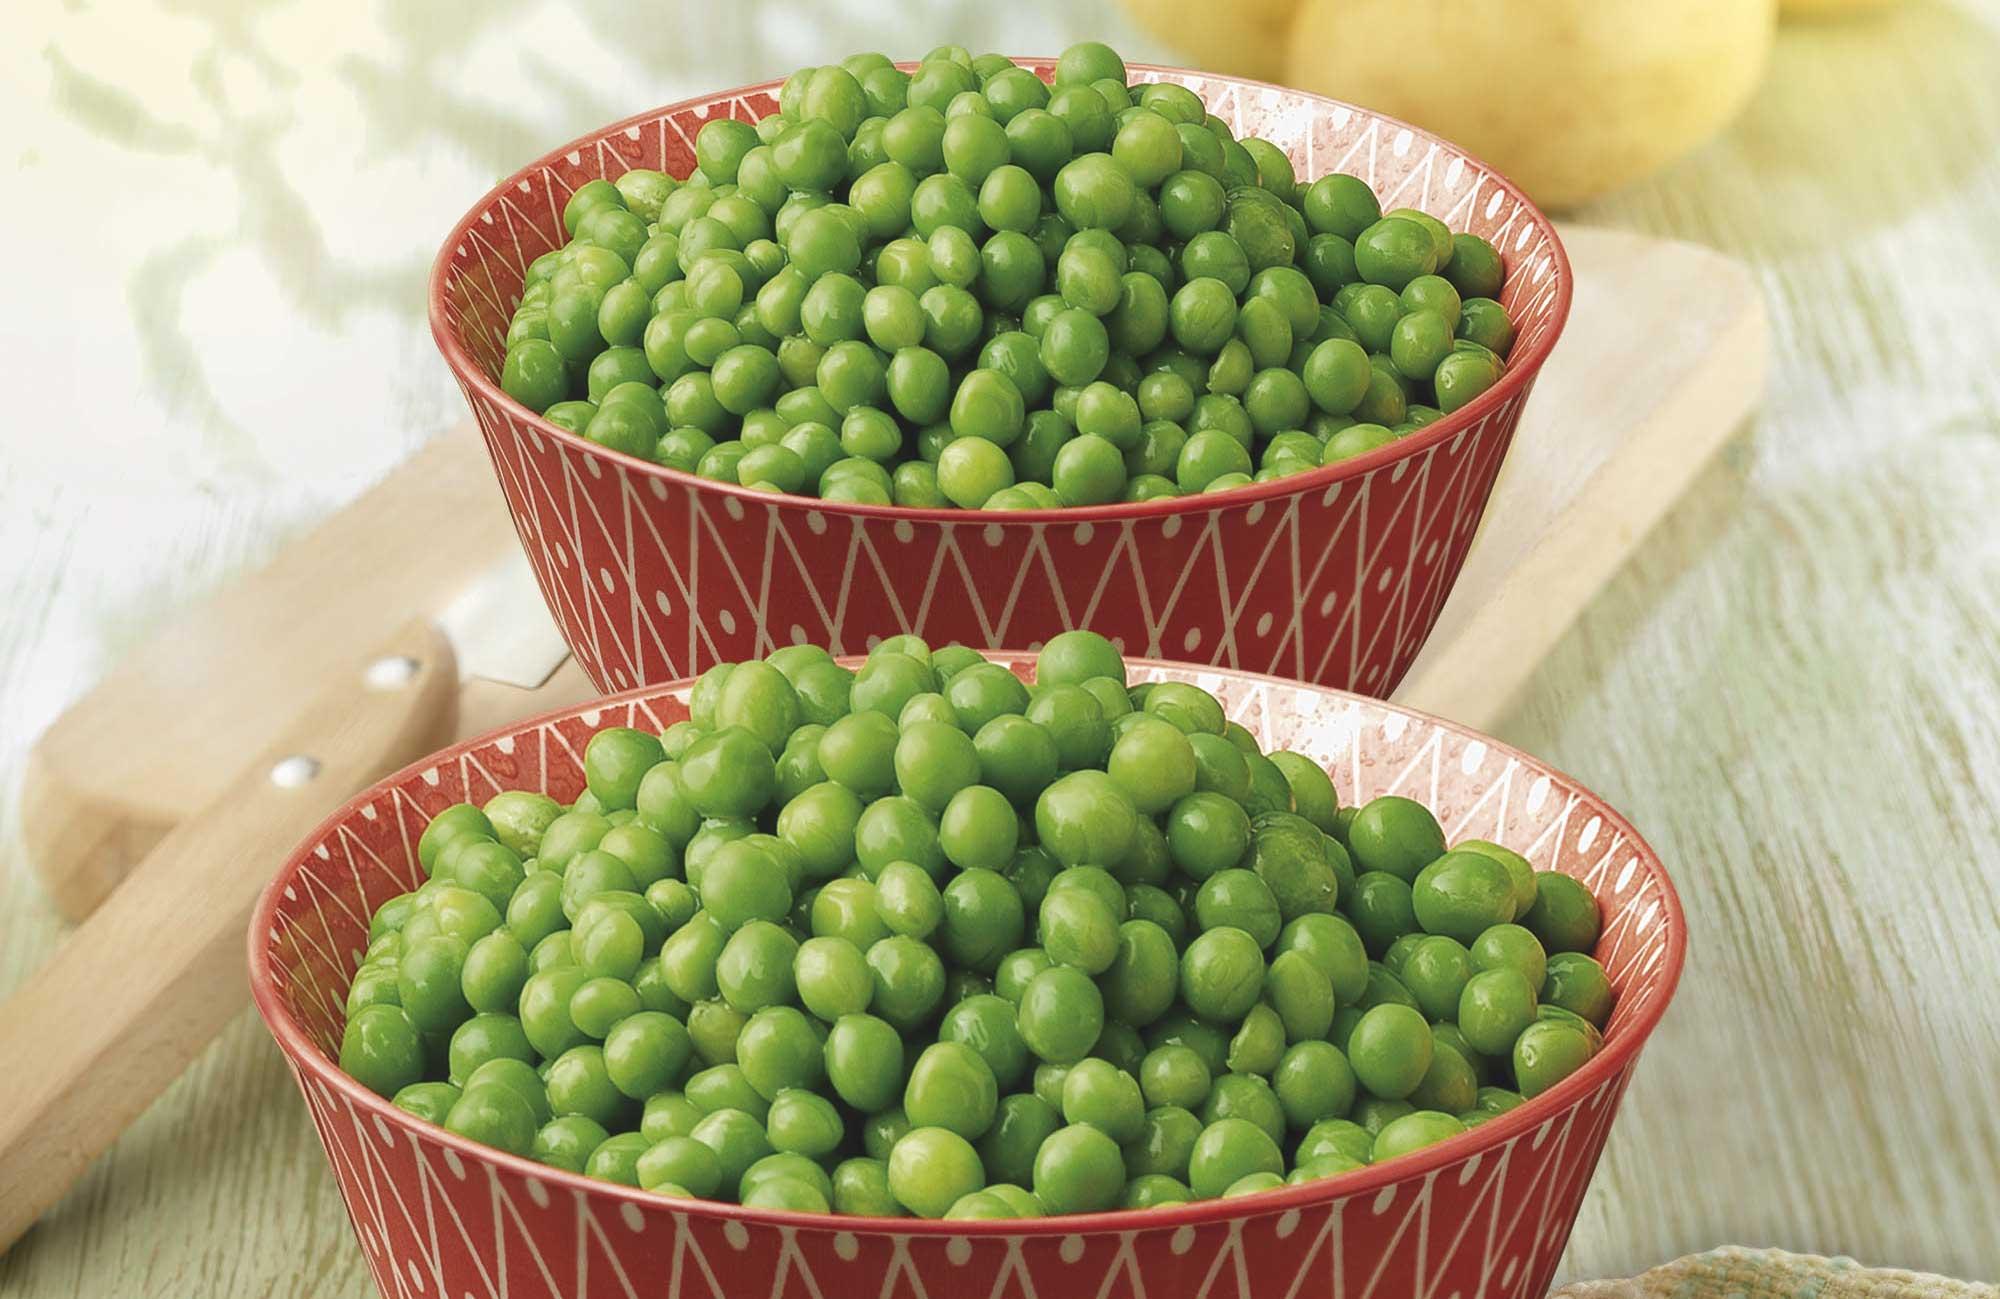 ¡Incluye los guisantes a tu sopas, pastas, cremas y guisos!